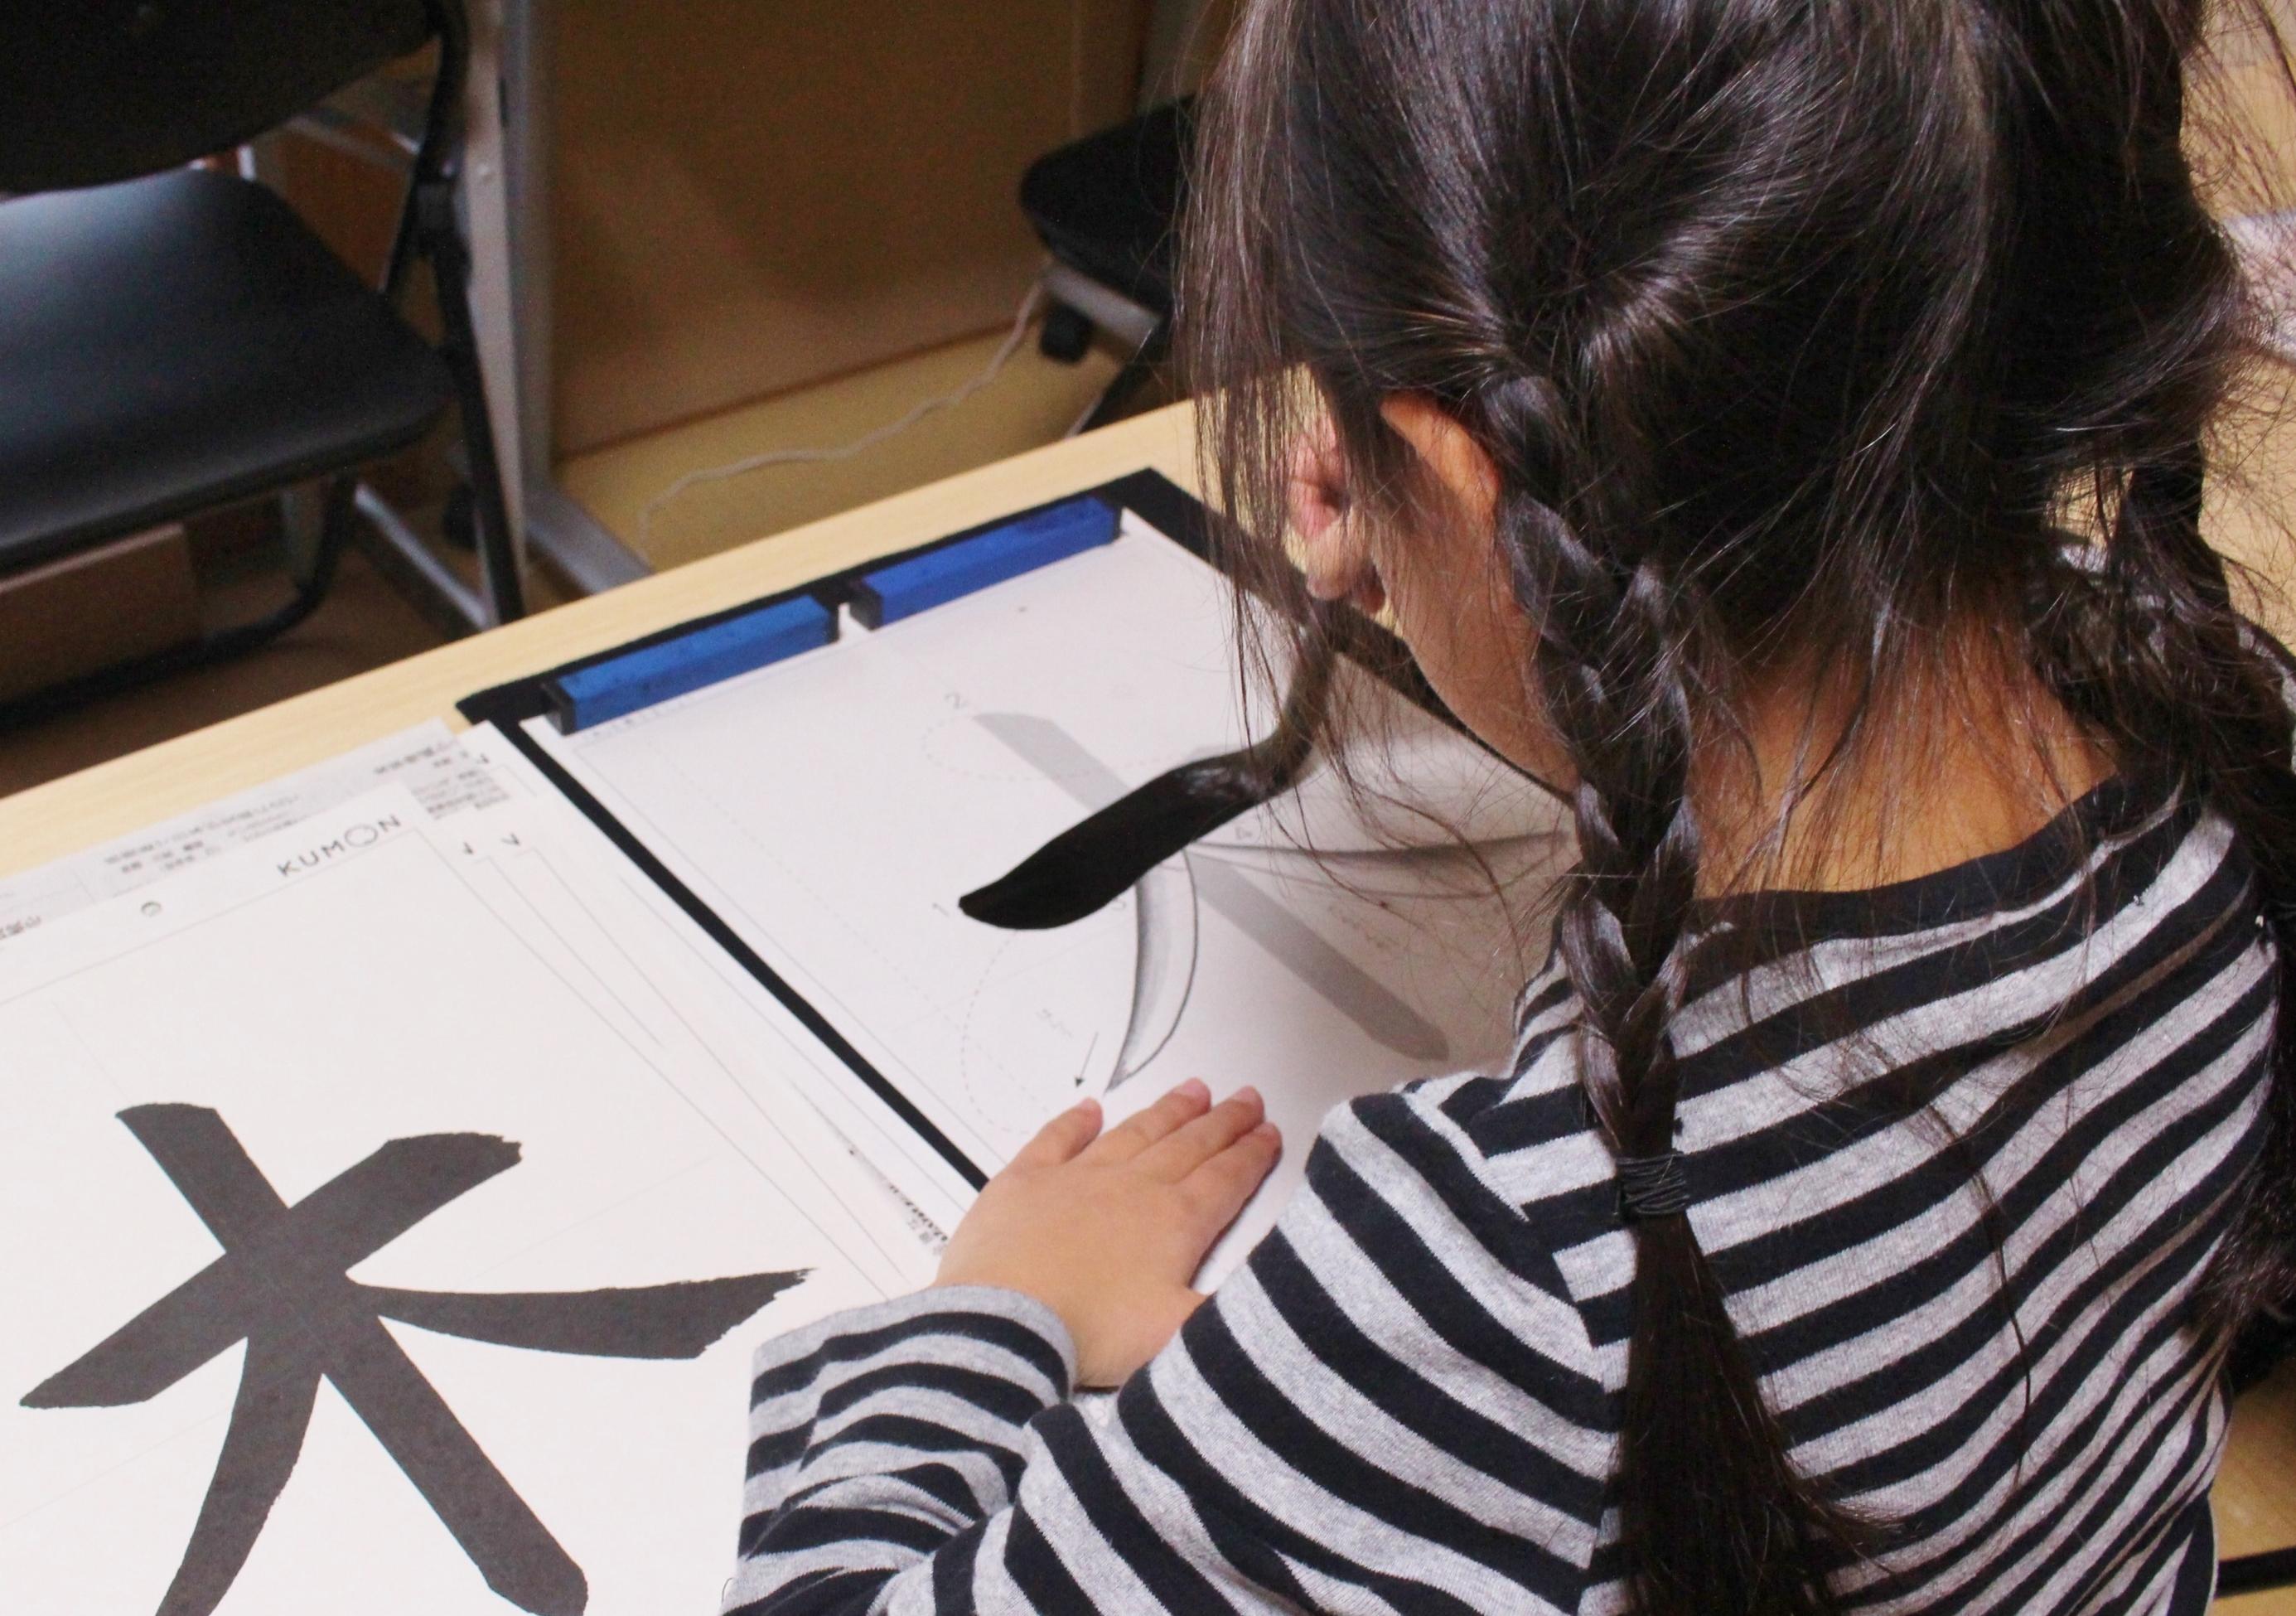 公文の毛筆は半紙ではなくプリントで学習します